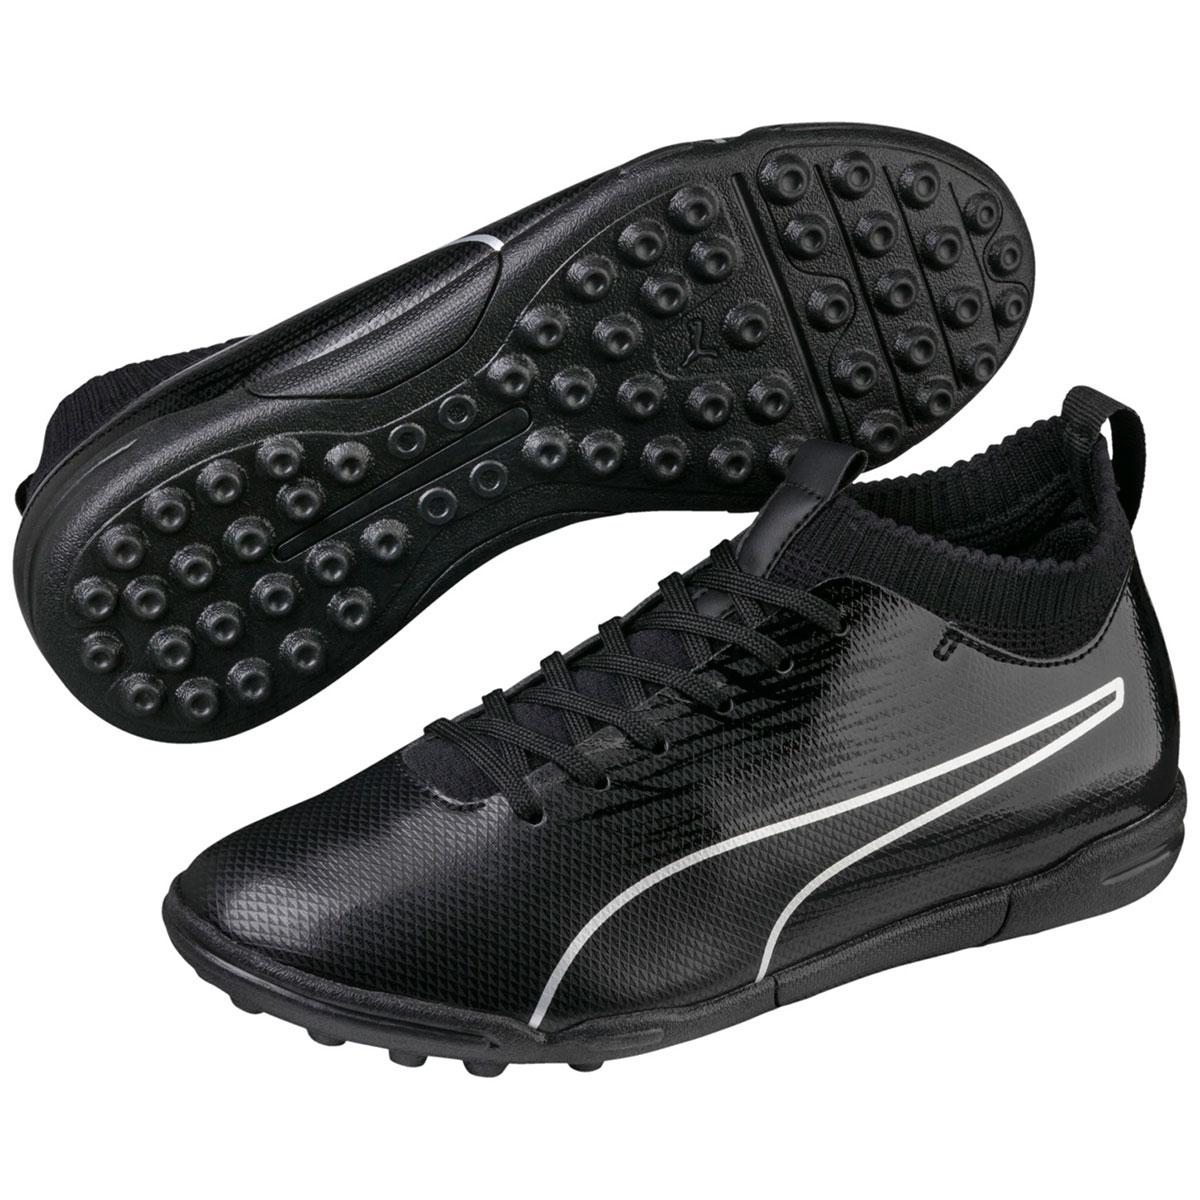 Puma Kids' Evoknit Ftb Ii Tt Jr Soccer Cleats - Black, 2